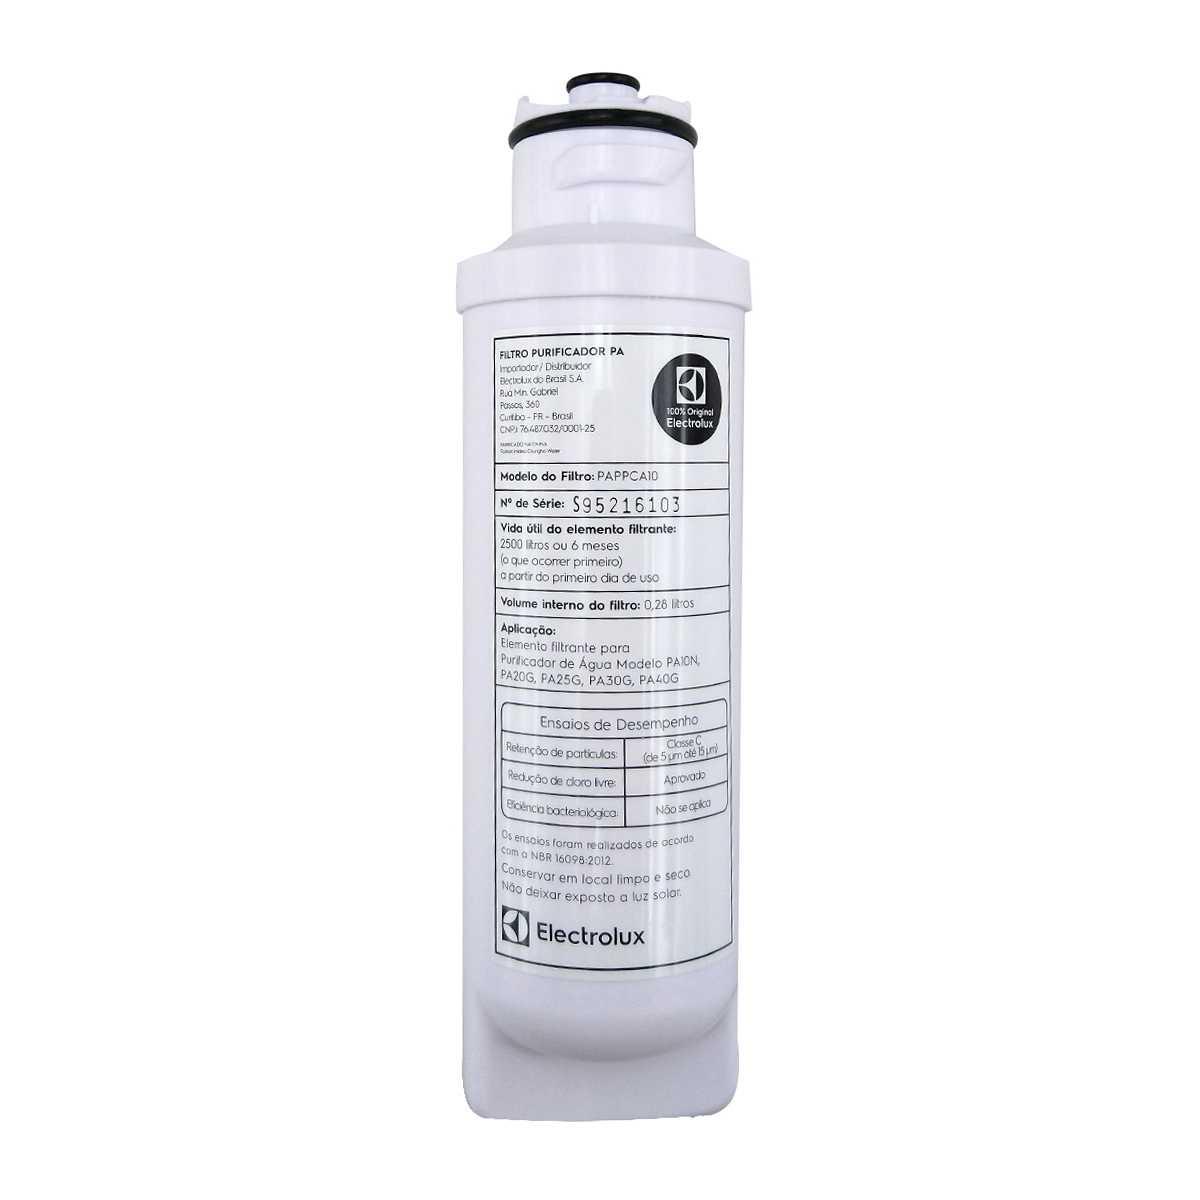 Refil filtro água purificador Electrolux PA40,30,25,20G PA10N